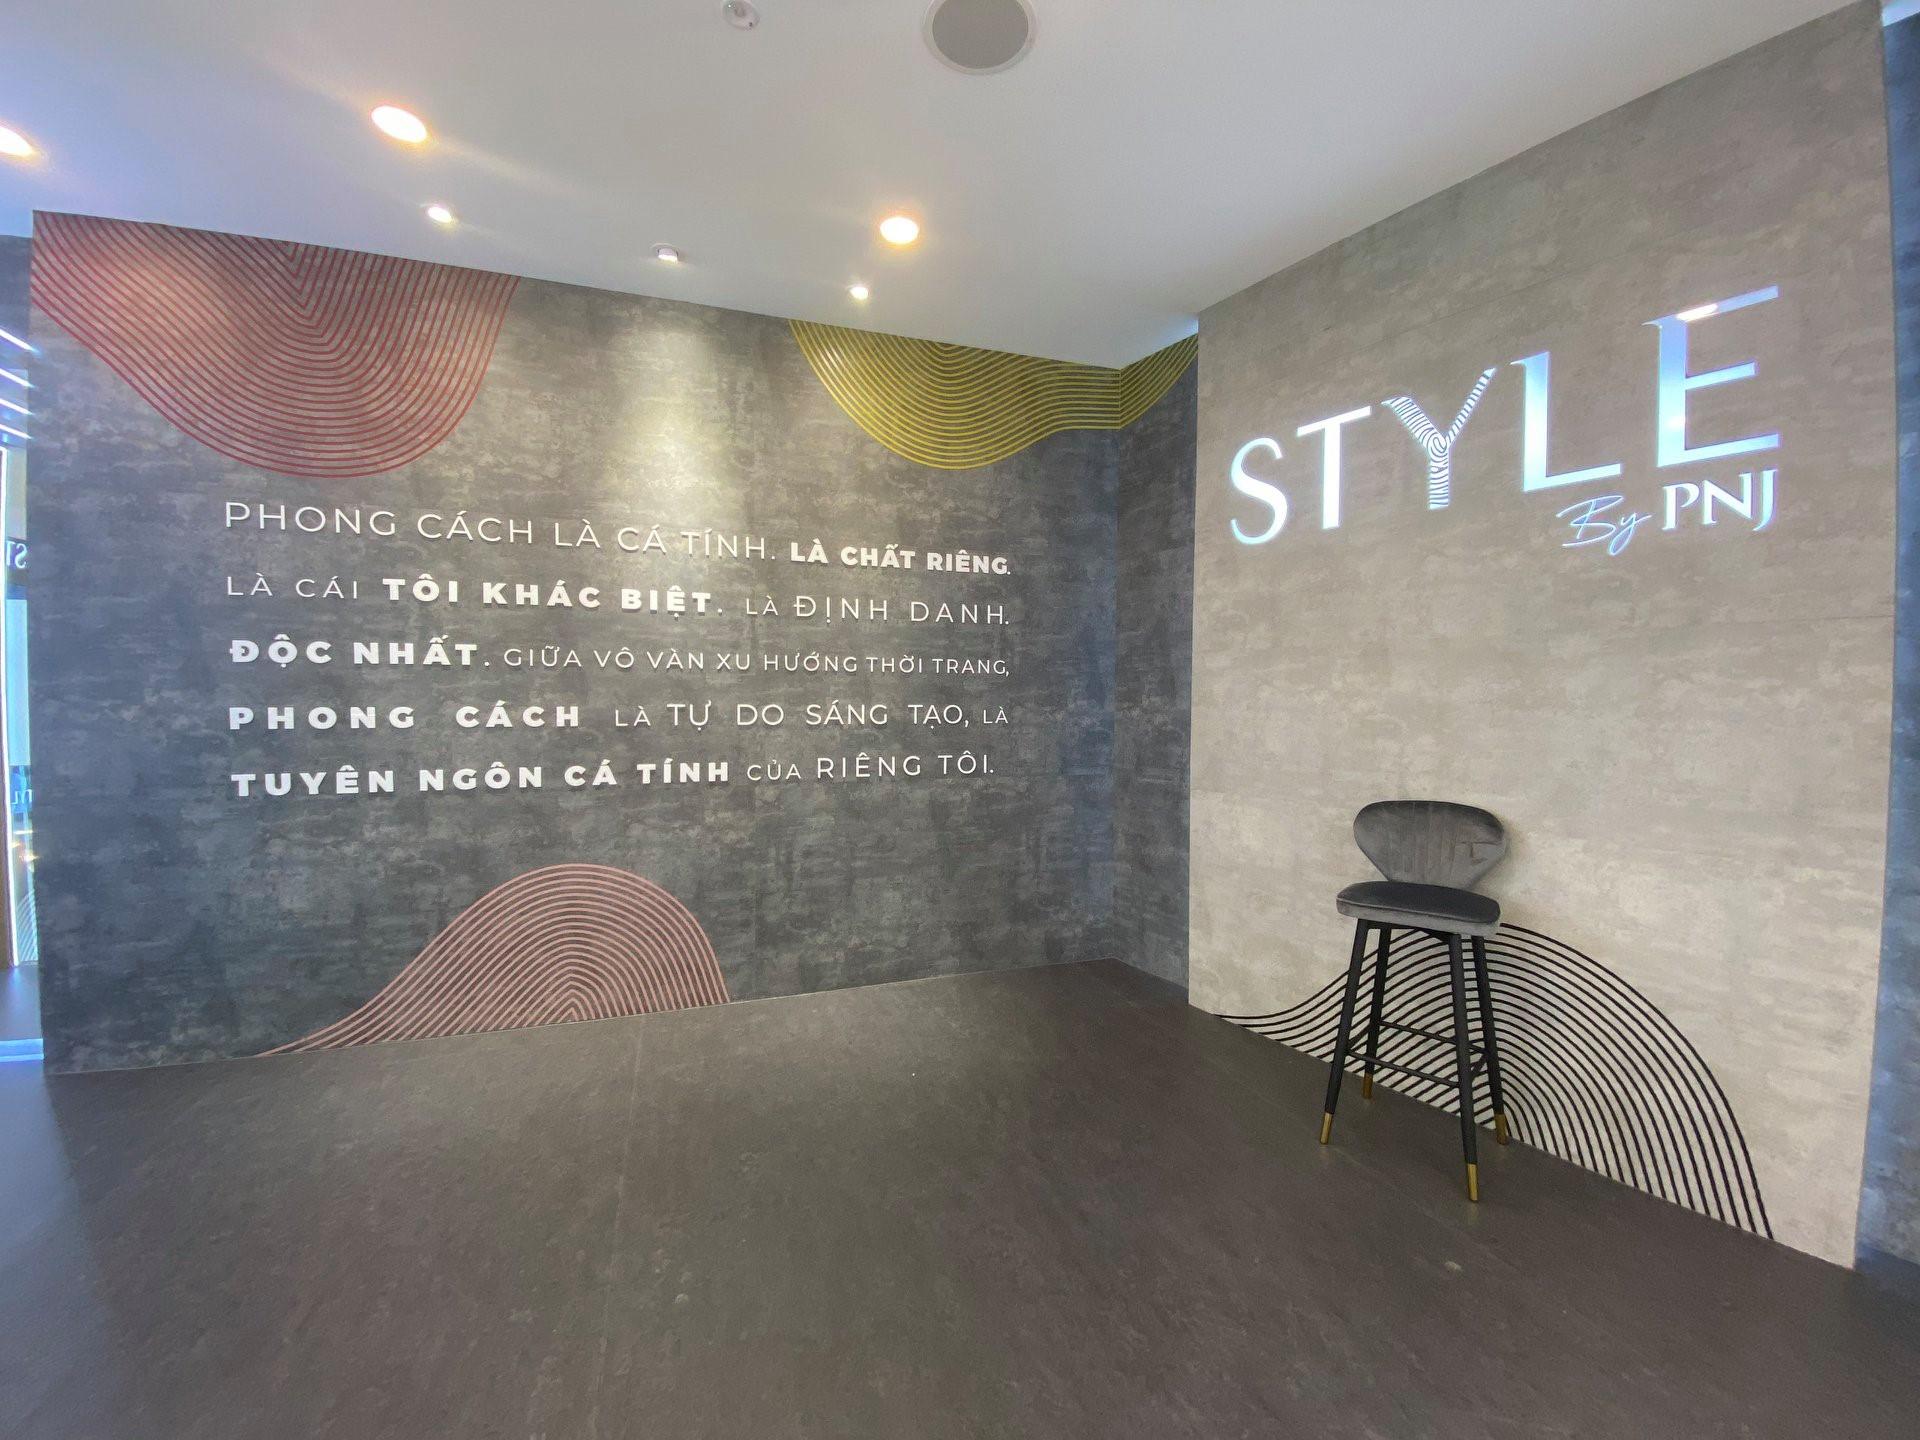 STYLE BY PNJ – Thương hiệu trang sức và phụ kiện thể hiện tuyên ngôn cá tính 5